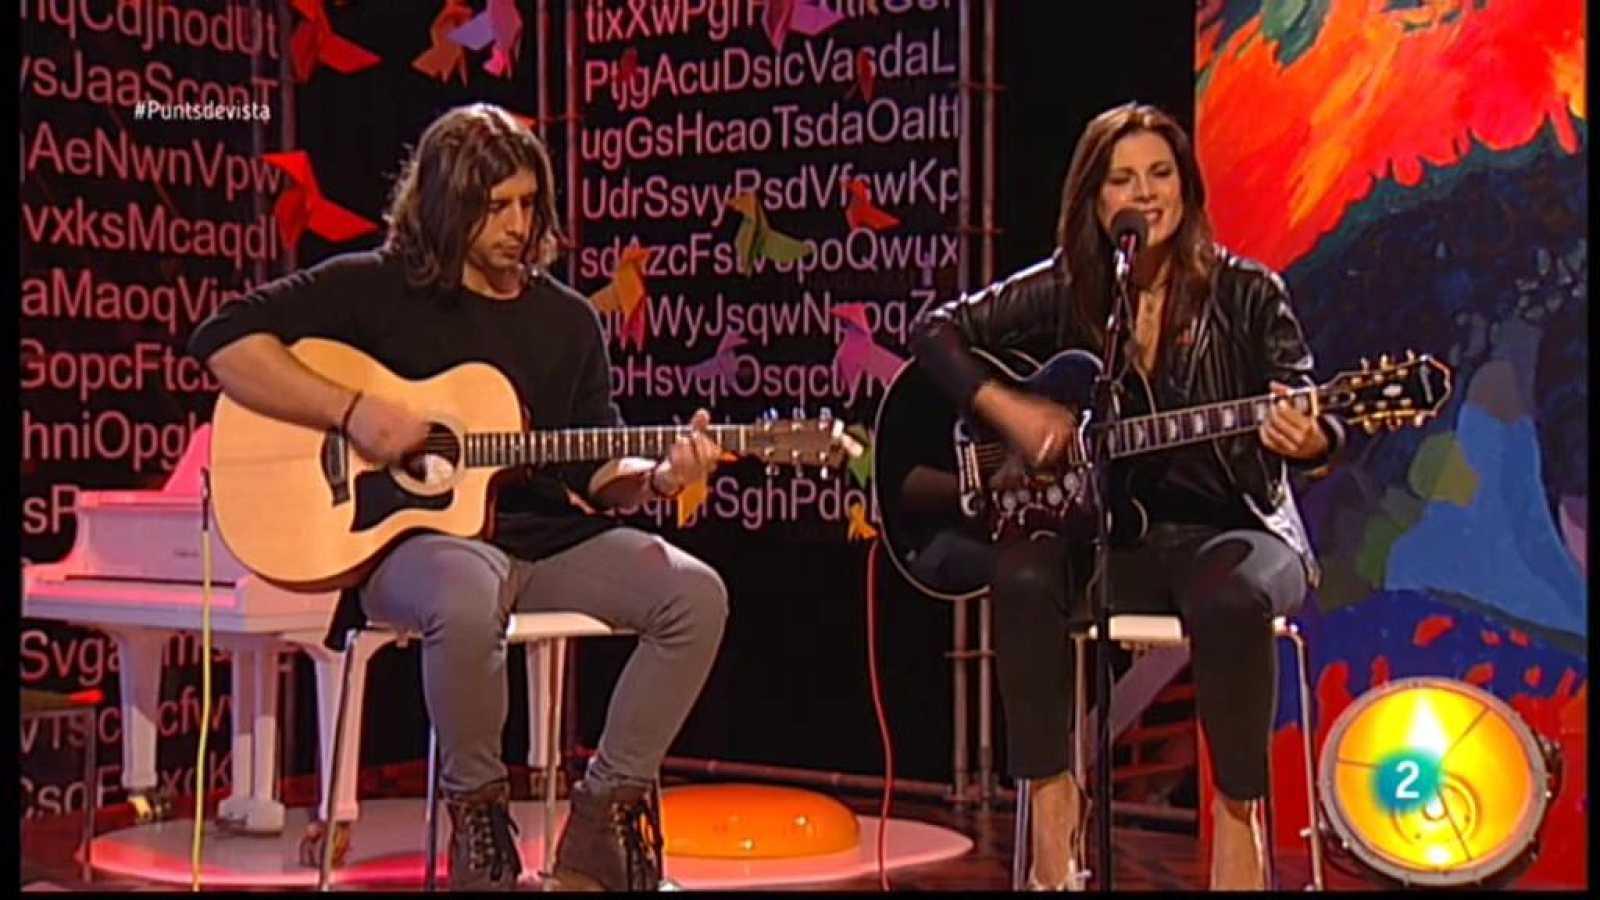 """Elena Ley Band en directe al plató de Punts de vista per interpretar-nos """"I love you more""""."""